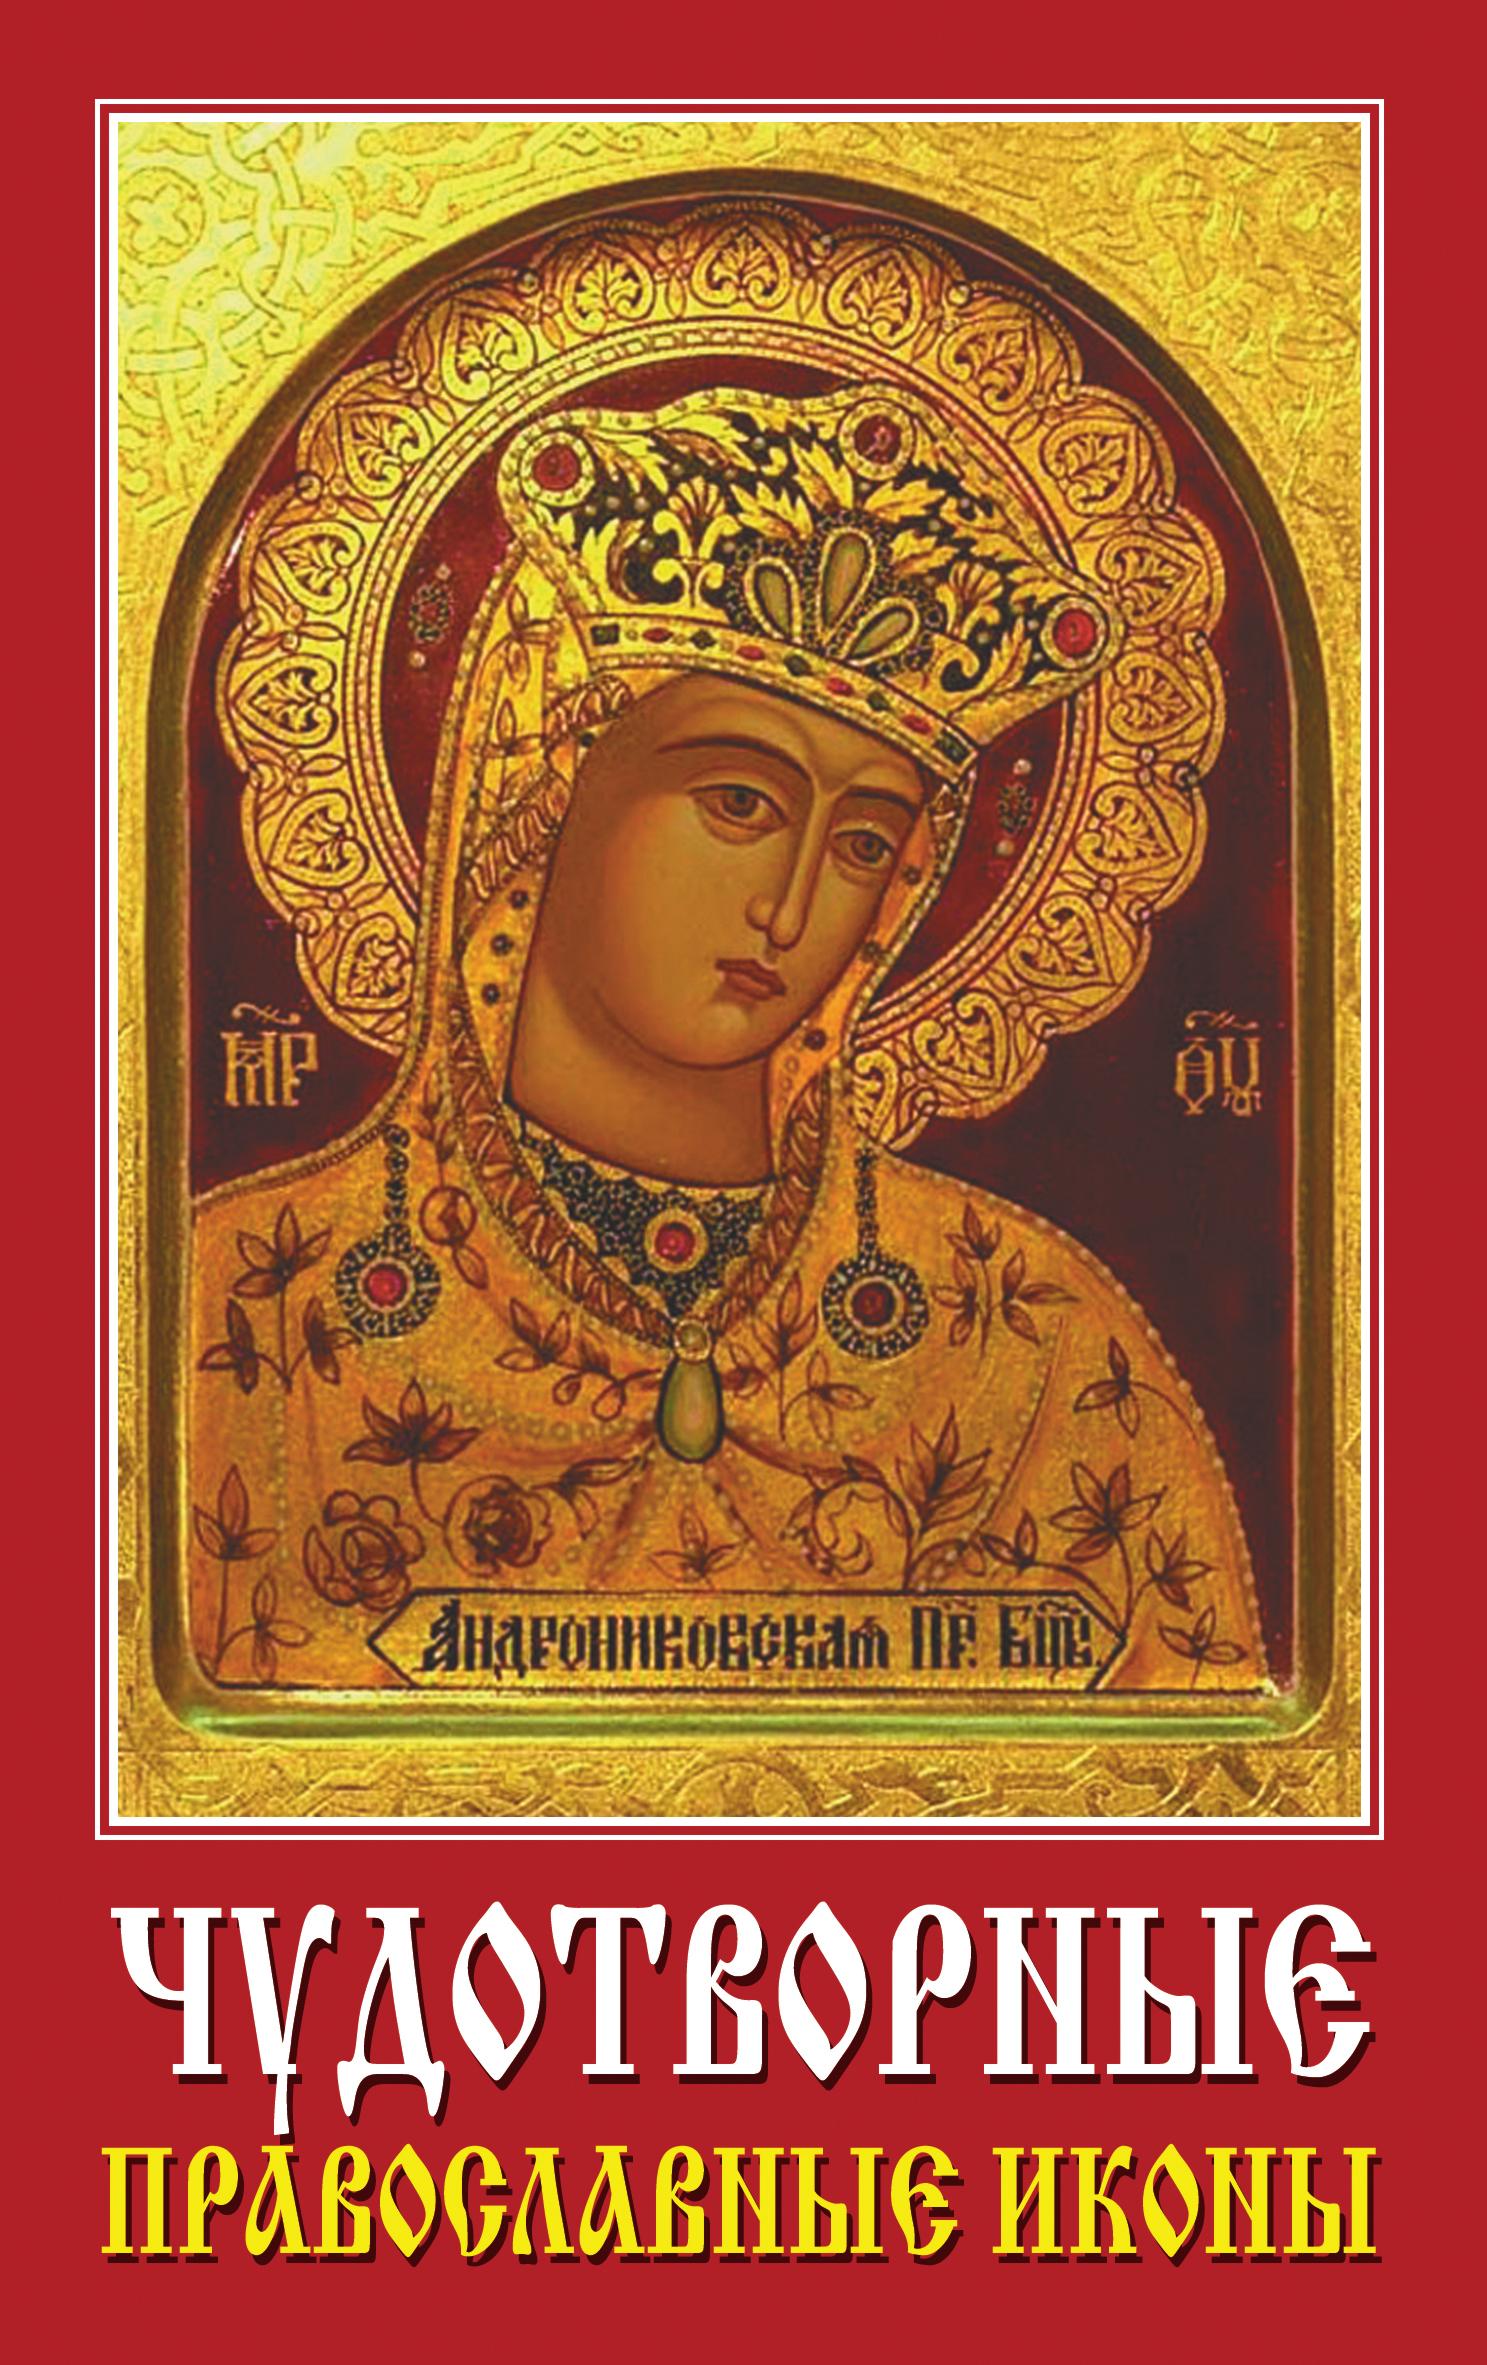 Отсутствует Чудотворные православные иконы амвросий орнатский андрей антонович чудотворные иконы богоматери на руси